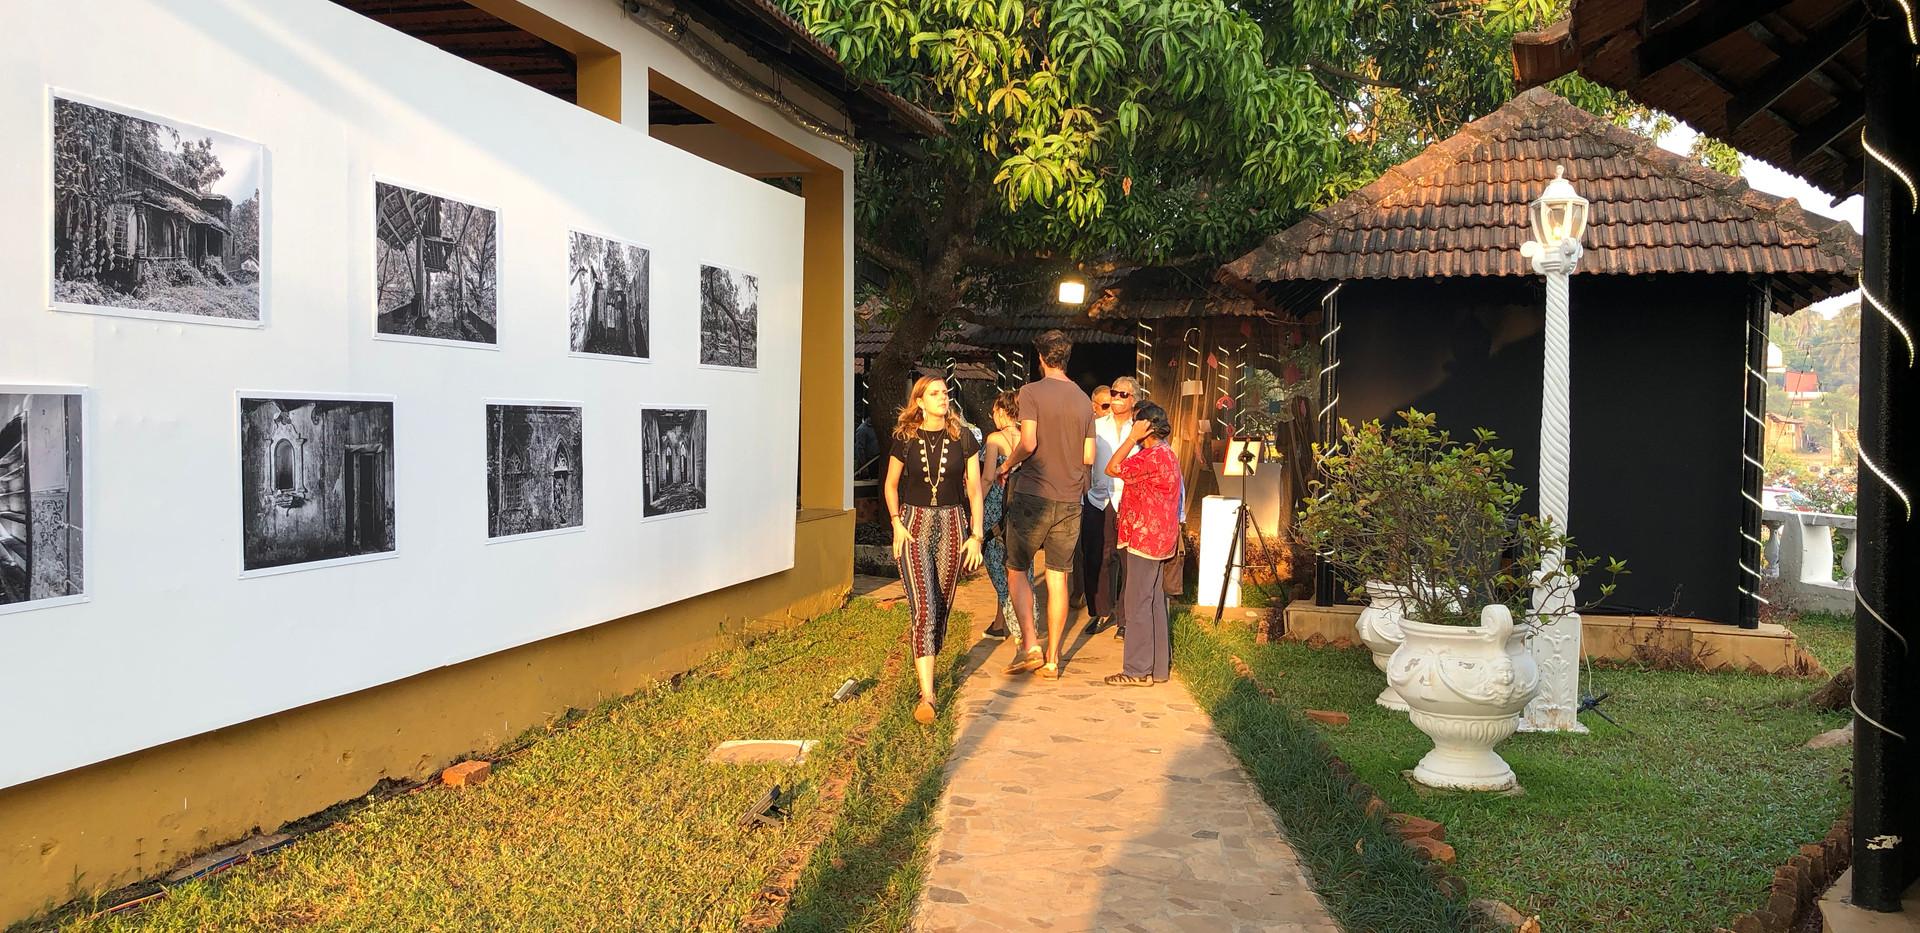 Outdoor galleries